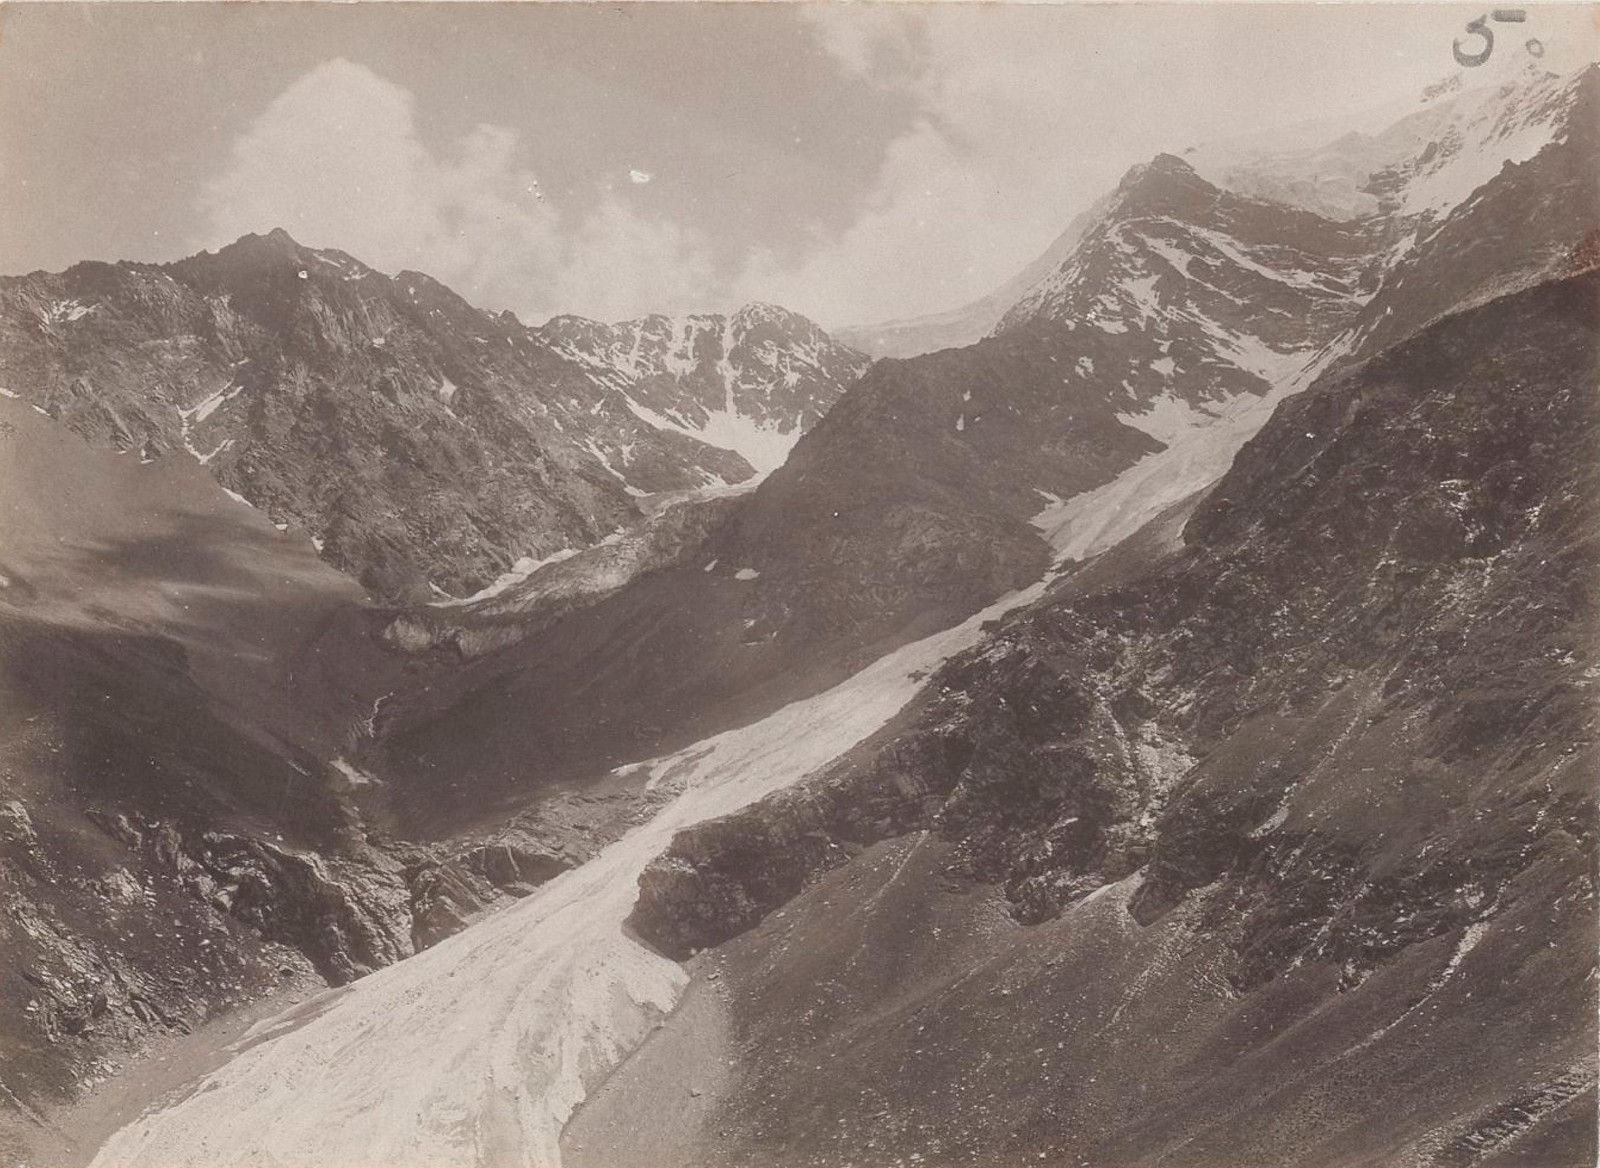 18. Восточный Кавказ. Вид на ледники Дыклос-мта в долине Харгабе-ахк. Июль